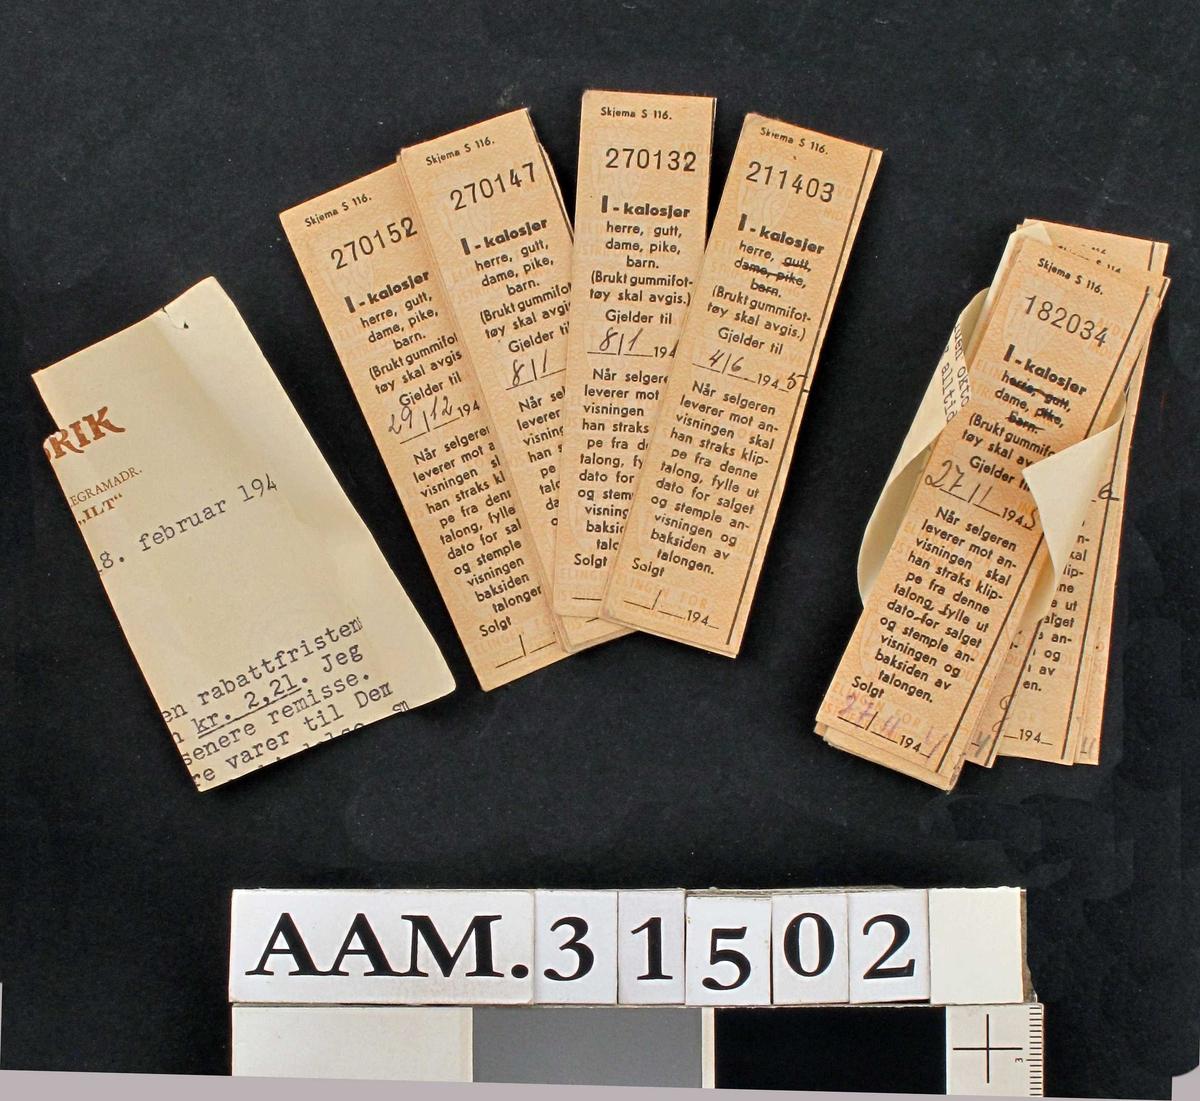 Rasjoneringsmerker for skotøy av forskjellig slag og med signaturer med forskjellige datoer.:  A - lærstøvler - 8 stykker B - Sjøstøvler - 9 stykker B - Arbeidsstøvler av gummi - 1 stykk D - Skinnskotøy - 70 stykker G - Sommer- gummifottøy - 34 stykker H - Tøfler - 53 stykker I - Kalosjer - 22 stykker J - Snøsokker for barn - 41 stykker J - Slagstøvler - 27 stykker Uten tekst - 4 stykker Bunke med strikk rundt - 40 stk assorterte Bunke med strikk rundt - 20 stk assorterte Bunke med strikk rundt - 15 stk assorterte Bunke med hyssing rundt - 15 stk assorterte  Må være innlevert i skotøybutikken fra kunder.